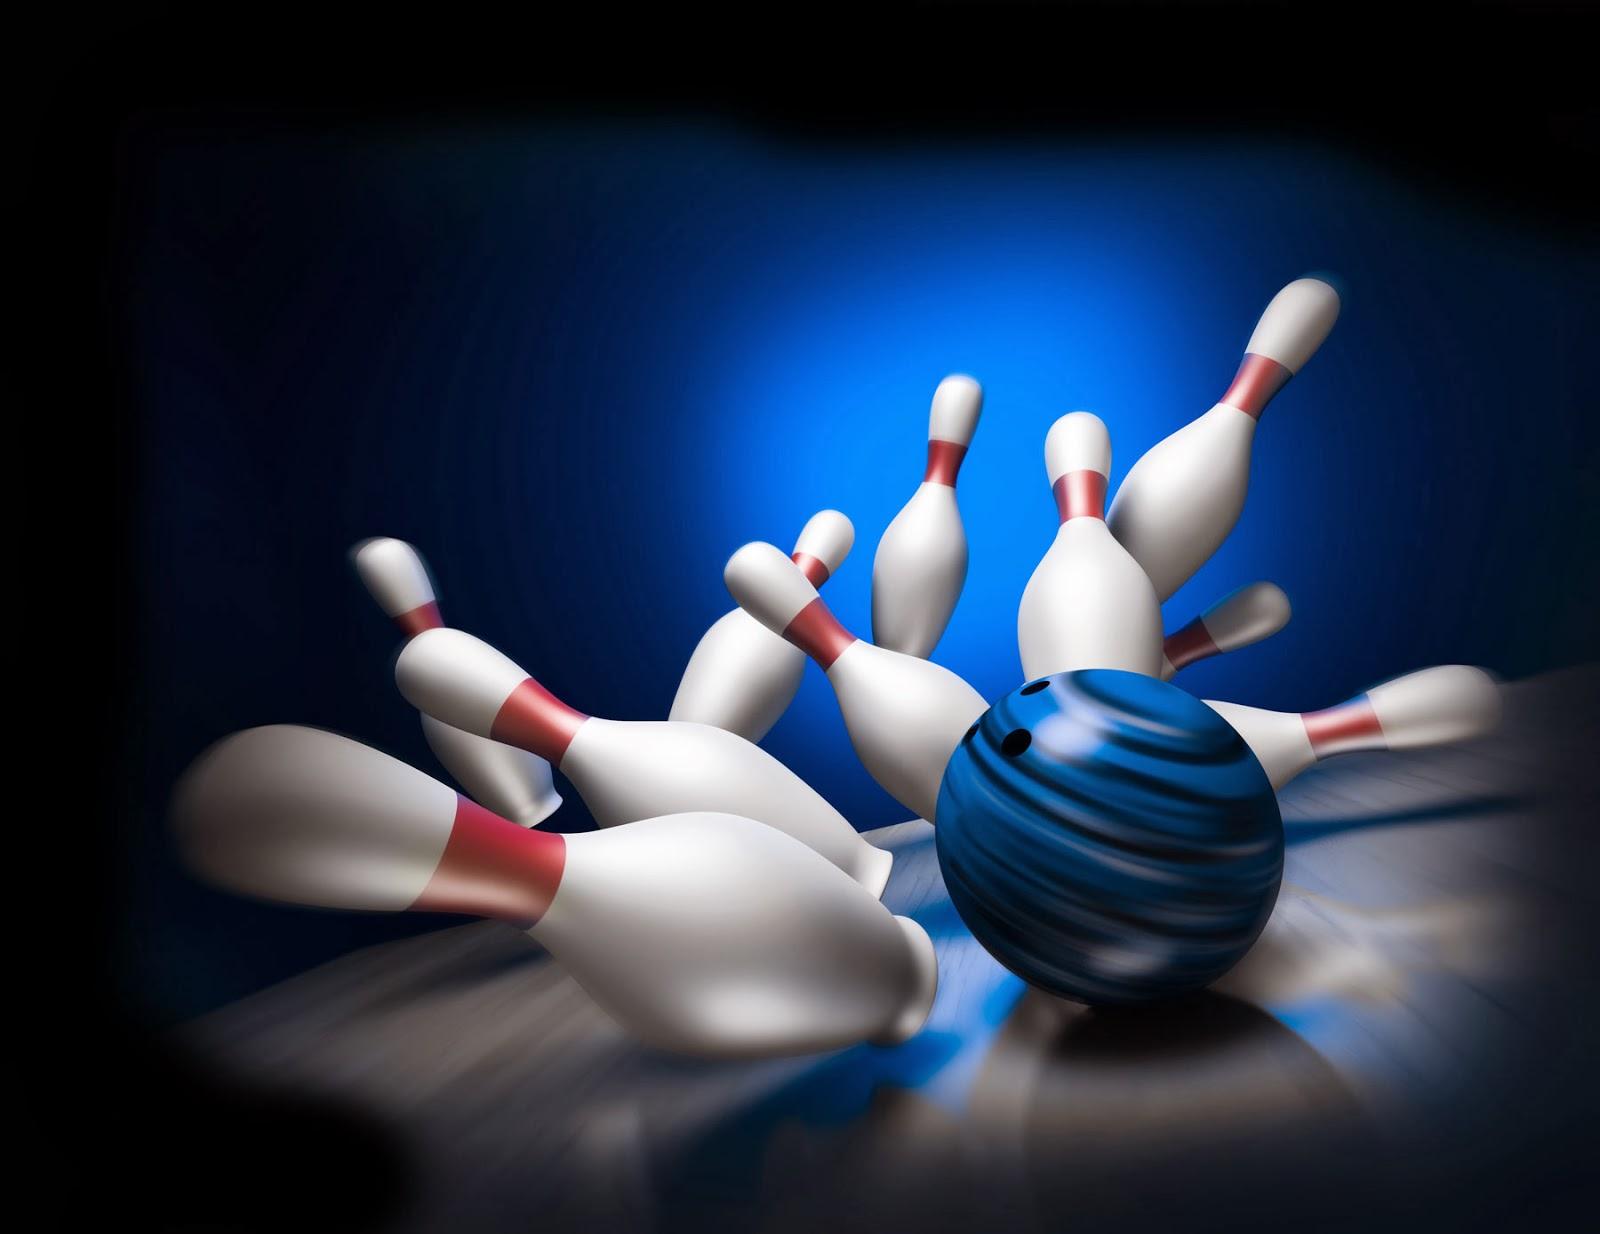 Best 63 Bowling Wallpaper on HipWallpaper Bowling Wallpaper 1600x1234